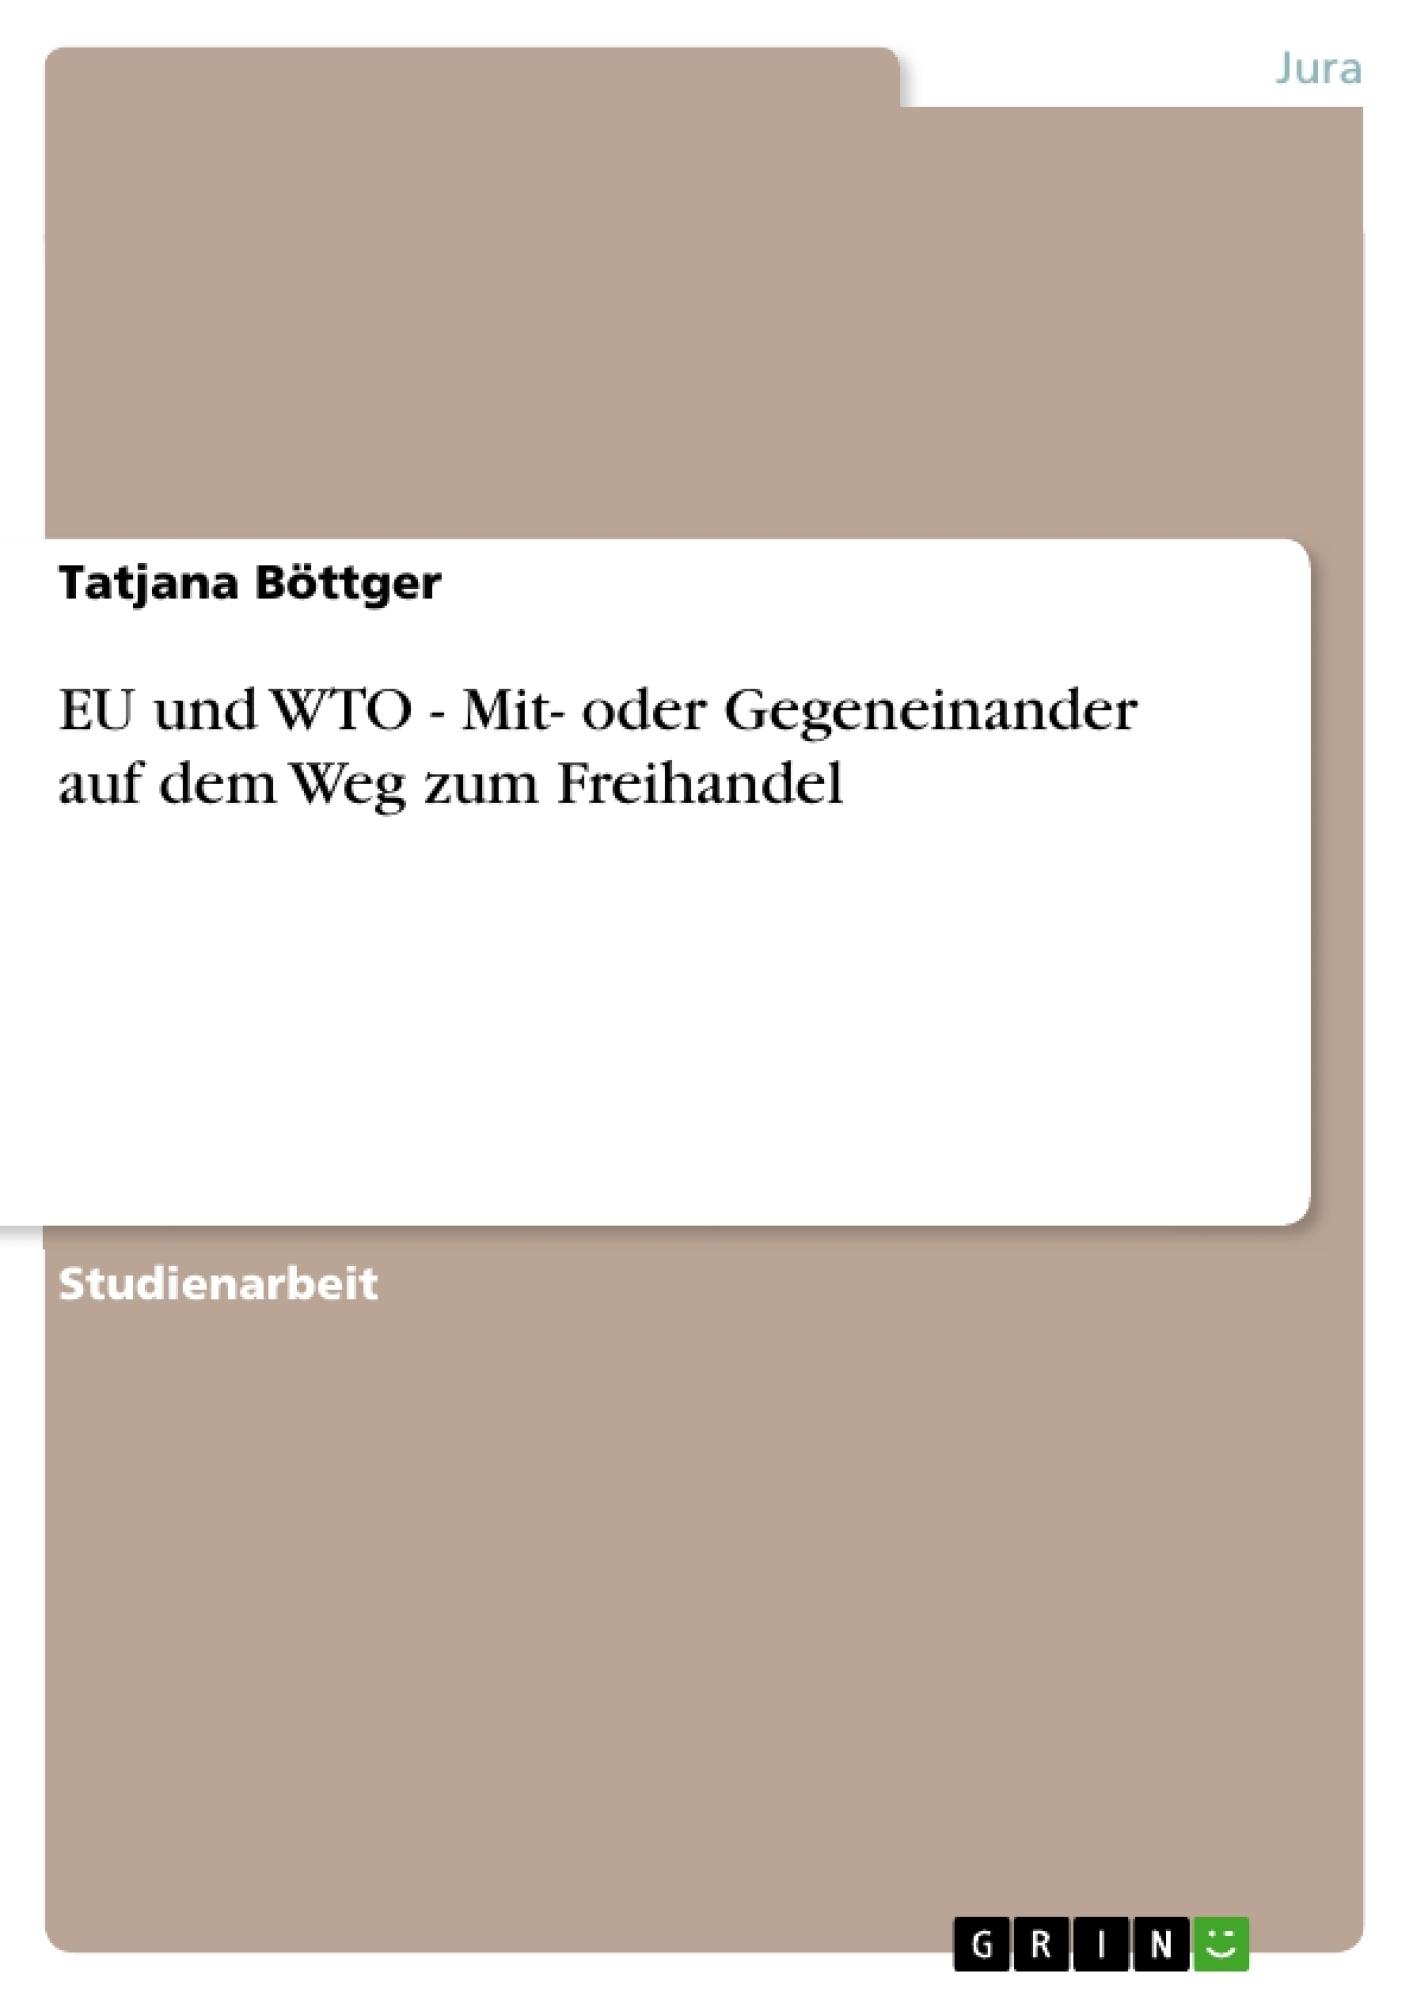 Titel: EU und WTO - Mit- oder Gegeneinander auf dem Weg zum Freihandel